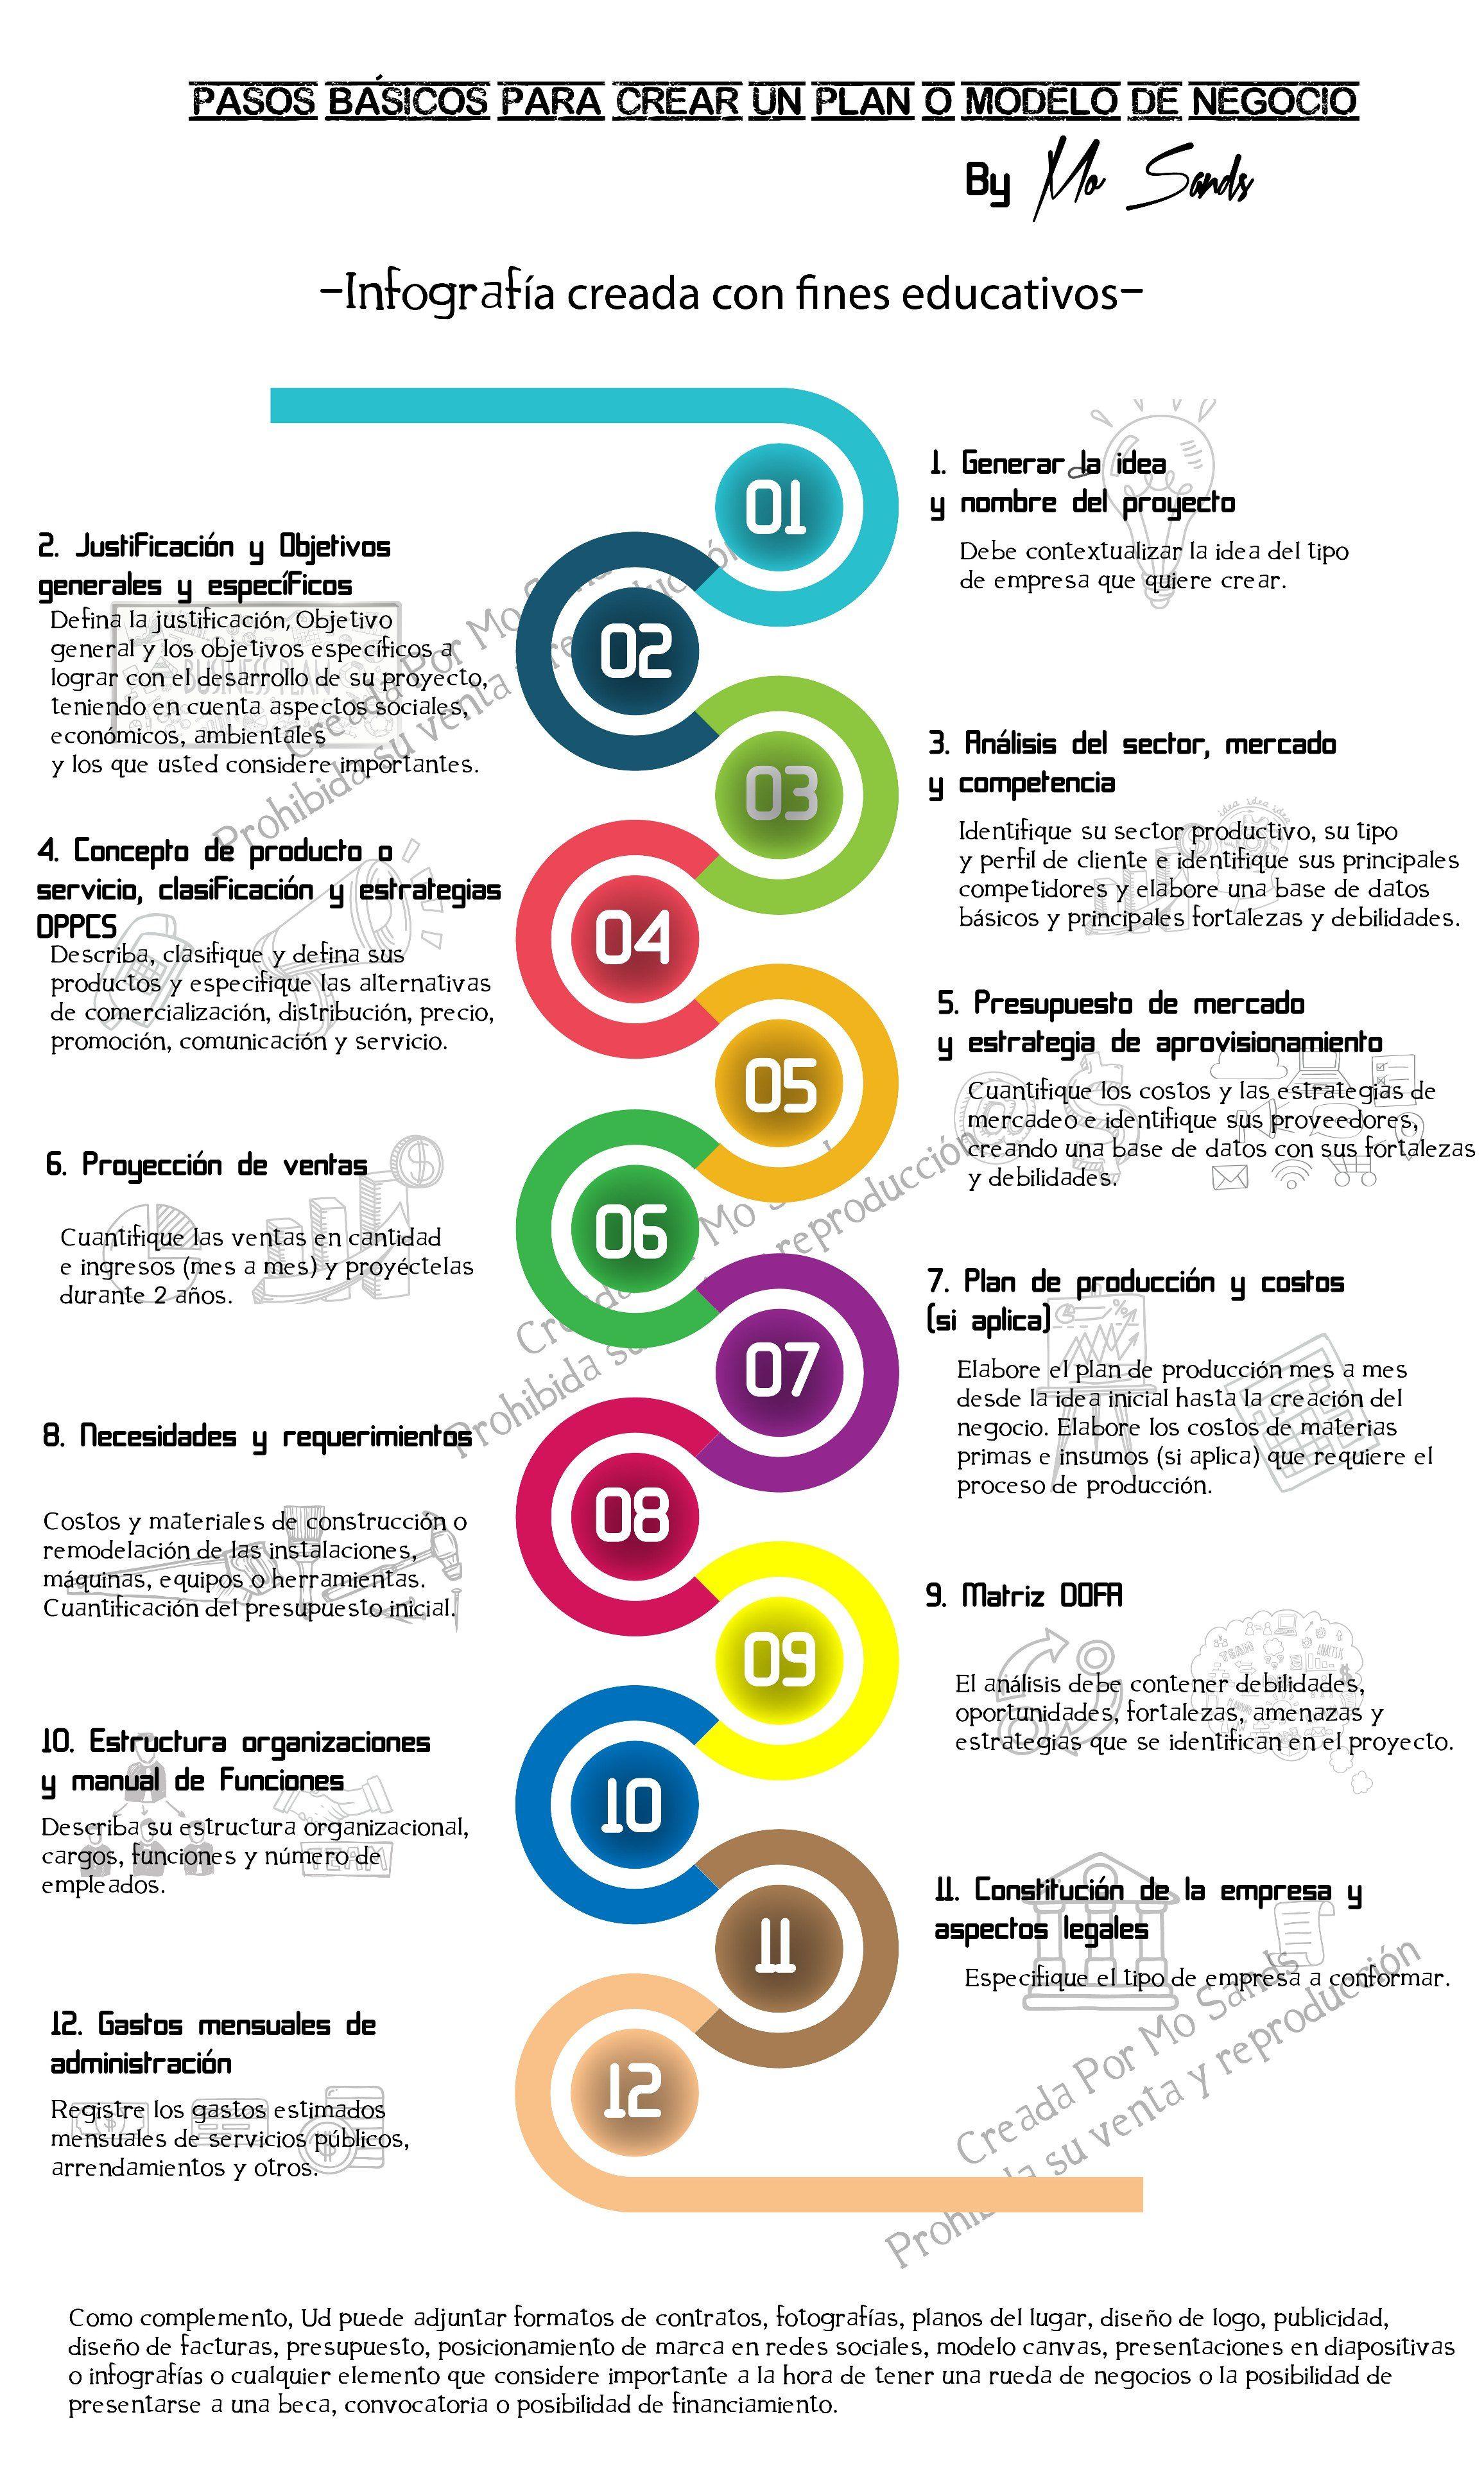 Plan O Modelo De Negocio Básico 12 Pasos Para Crear Una Empresa Plan Empresa Negocio Emprendimiento Economía Marketing